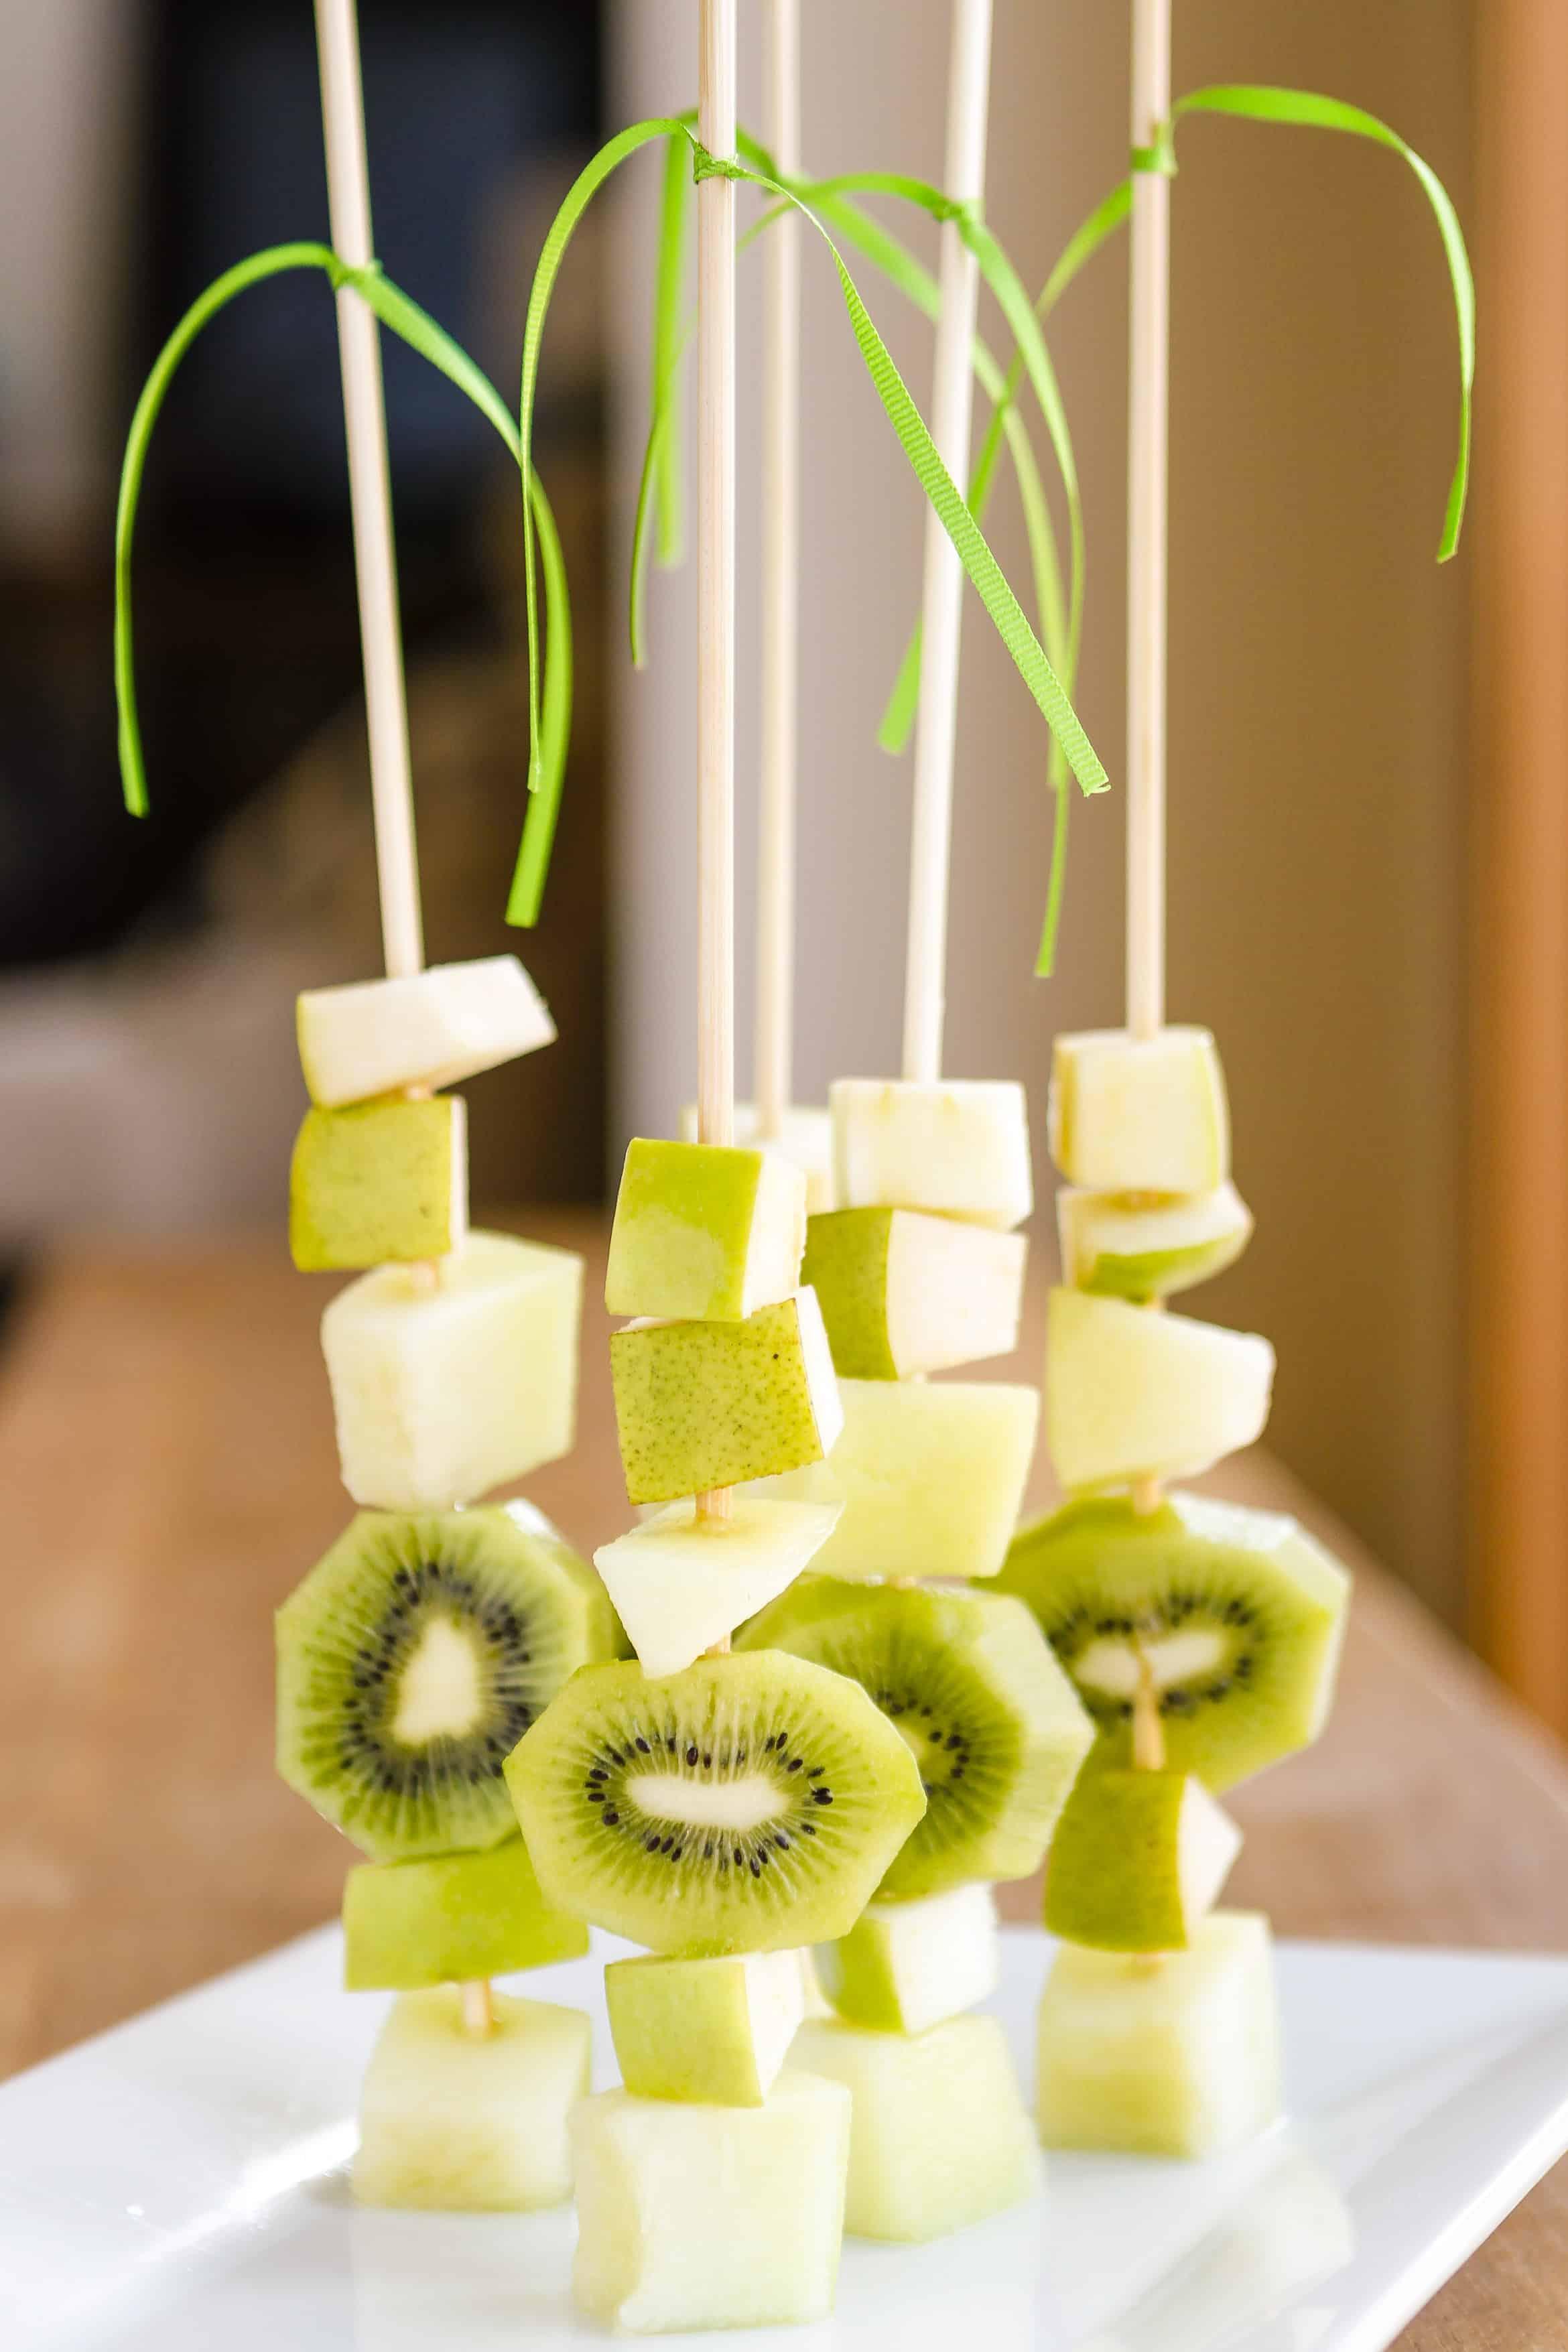 Obstspieße anrichten - Ideen mit Kiwi und Apfel